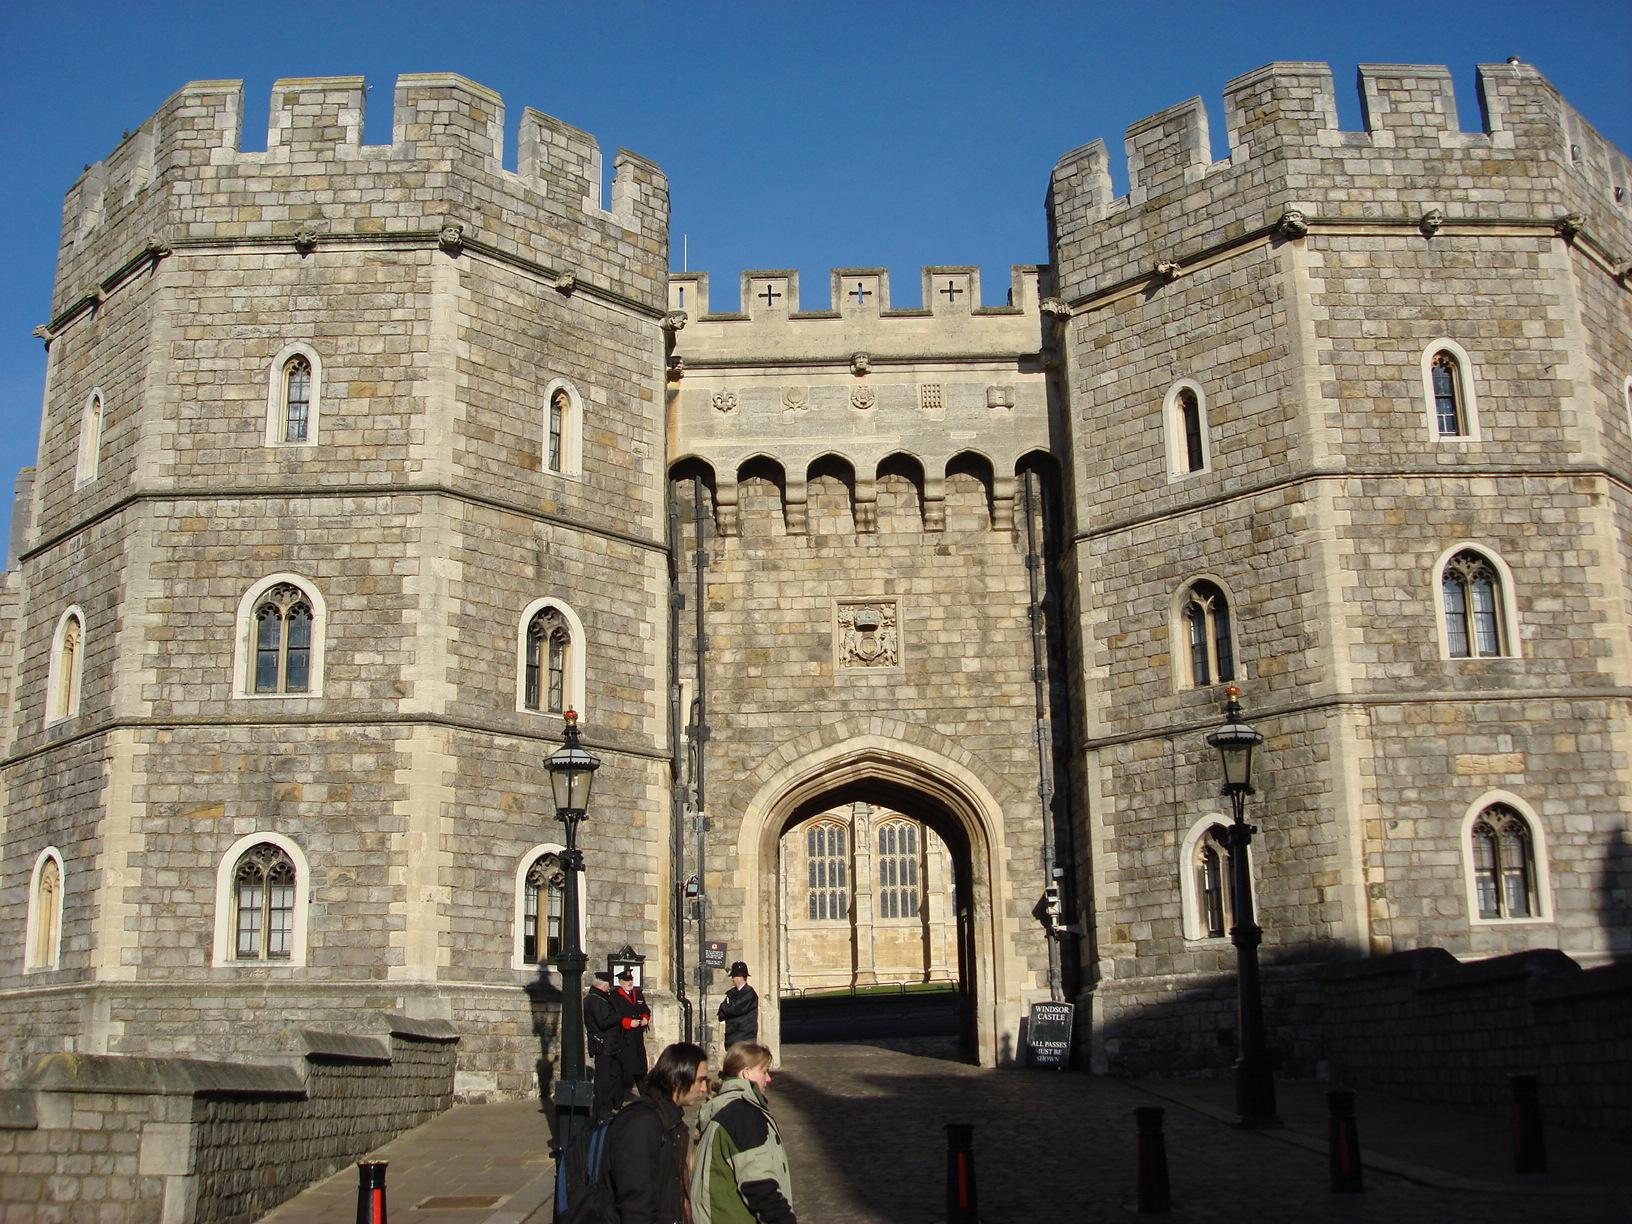 英国温莎城堡英文介绍 图片合集